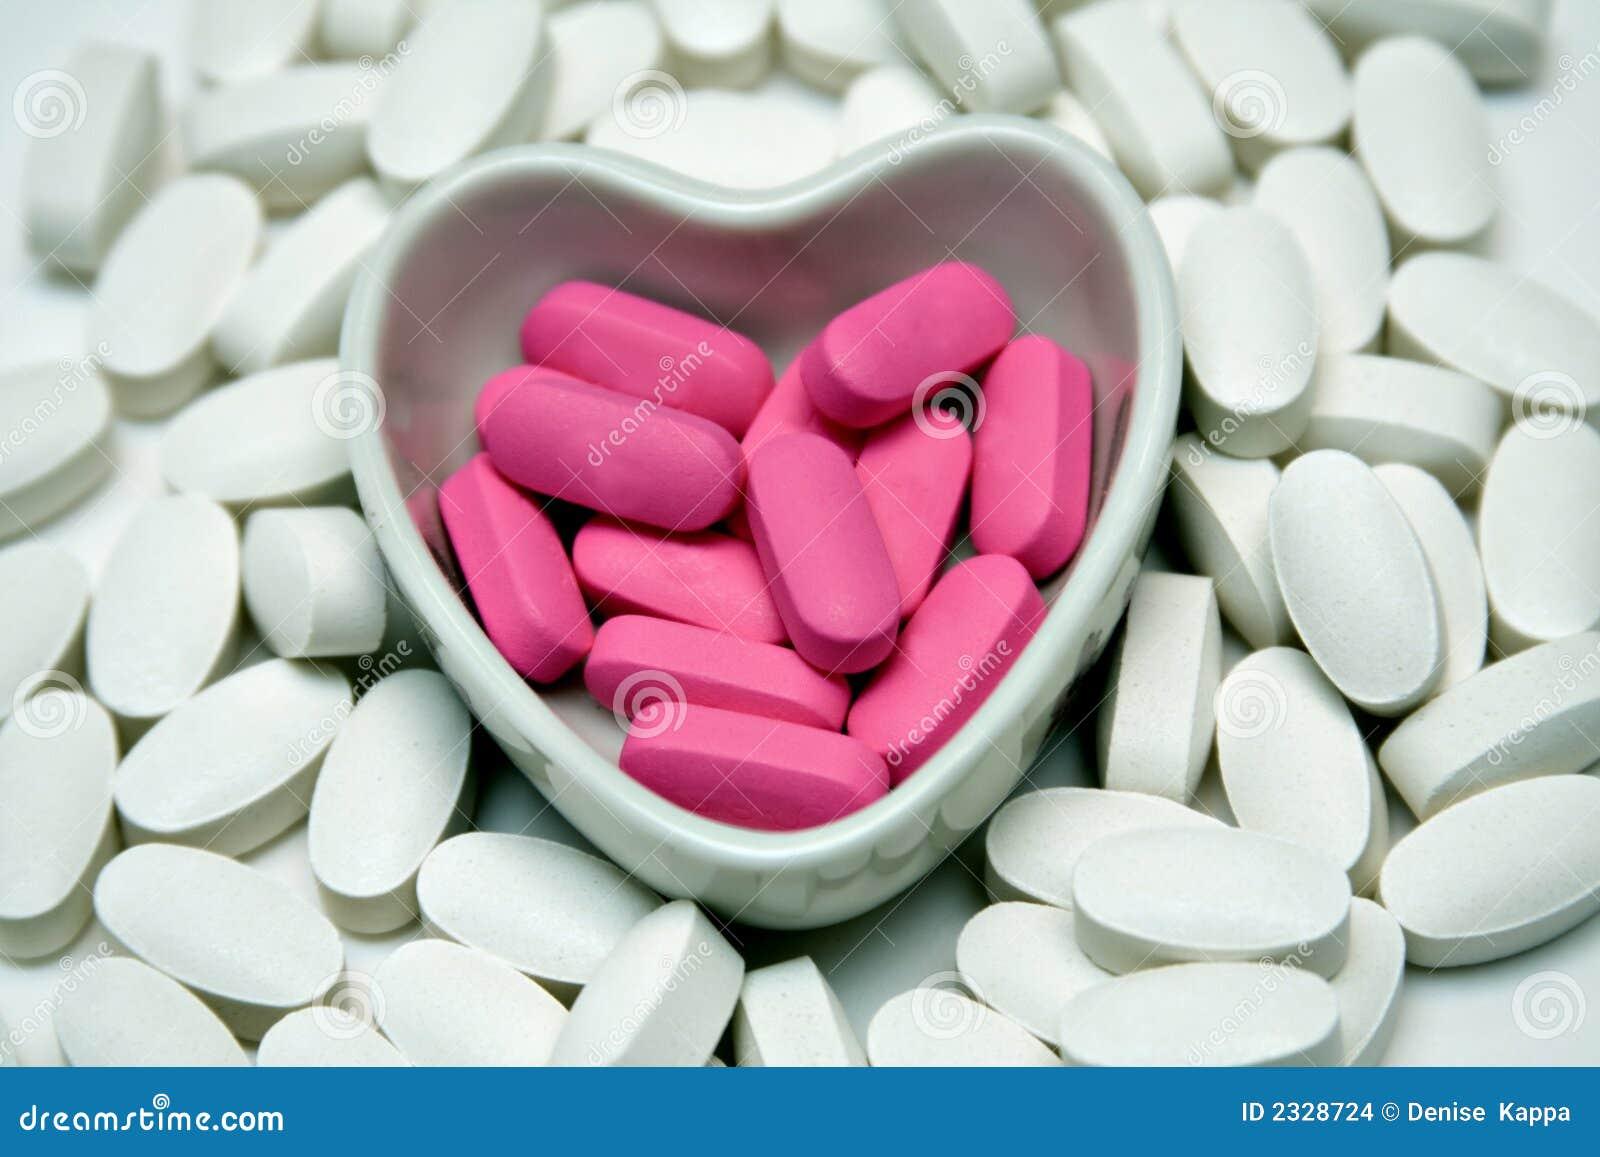 De schotel van het hart van Pillen